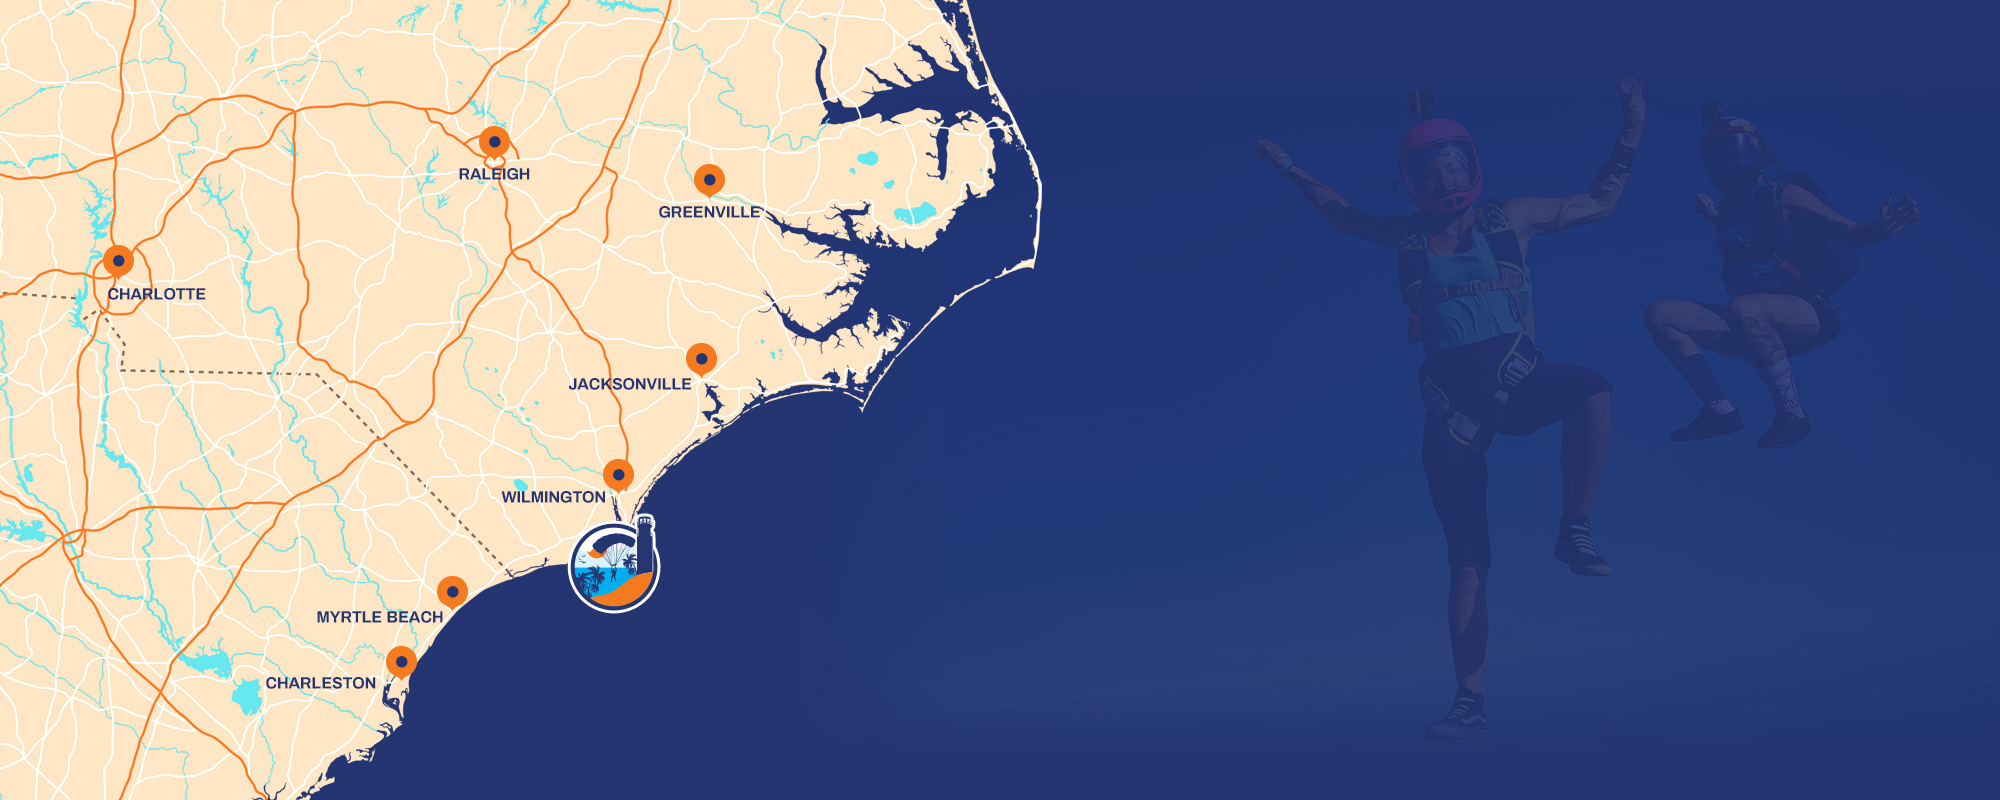 Skydive Coastal Carolina logo indicating position on map of NC with faint overlayed image of two skydivers freeflying